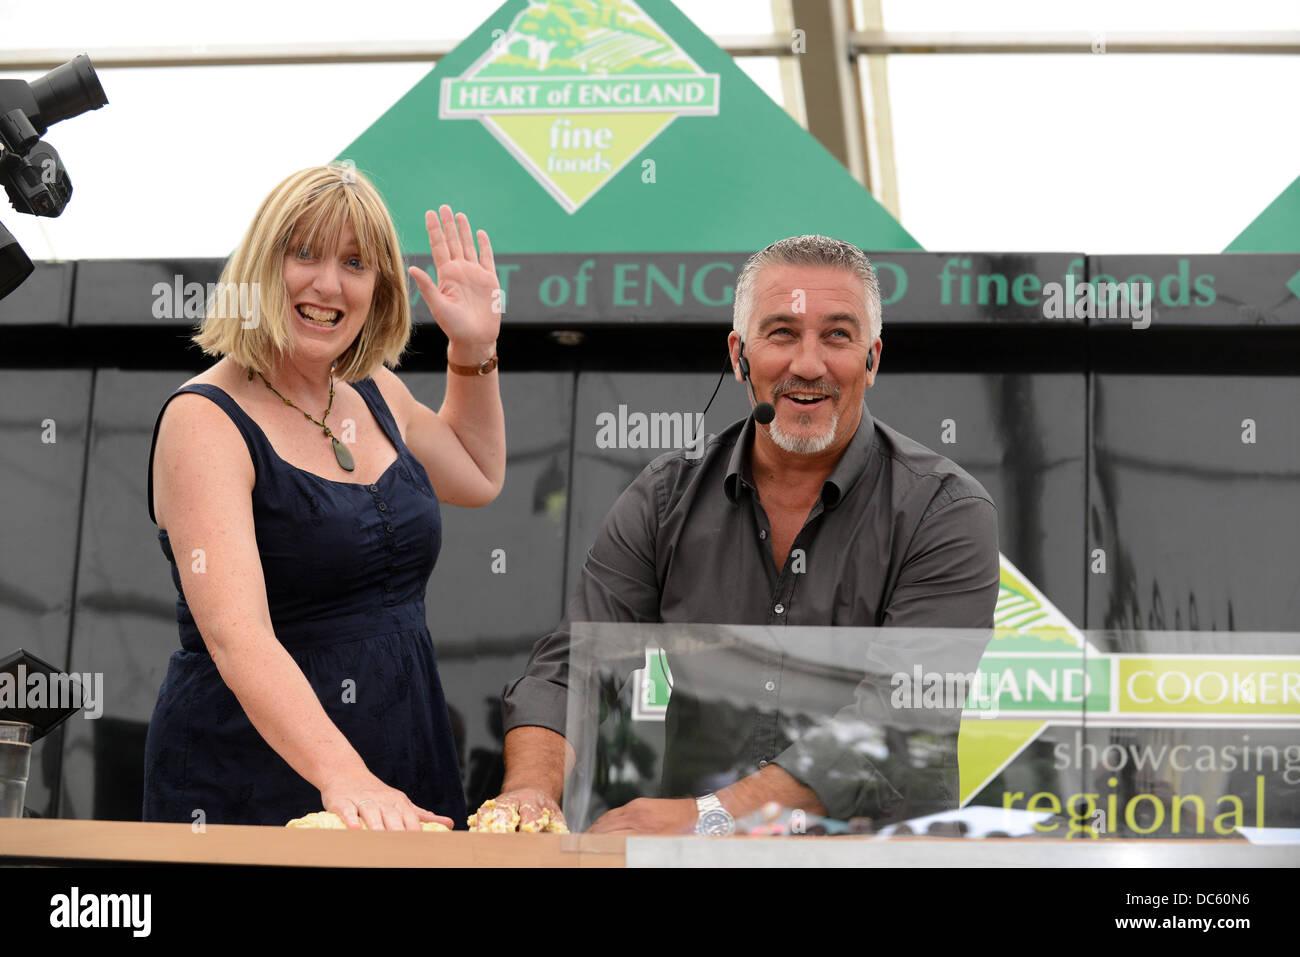 Shrewsbury Flower Show Uk 9. August 2013. TV-Promi-Bäcker Paul Hollywood bekommt Hilfe von einem Mitglied des Stockbild